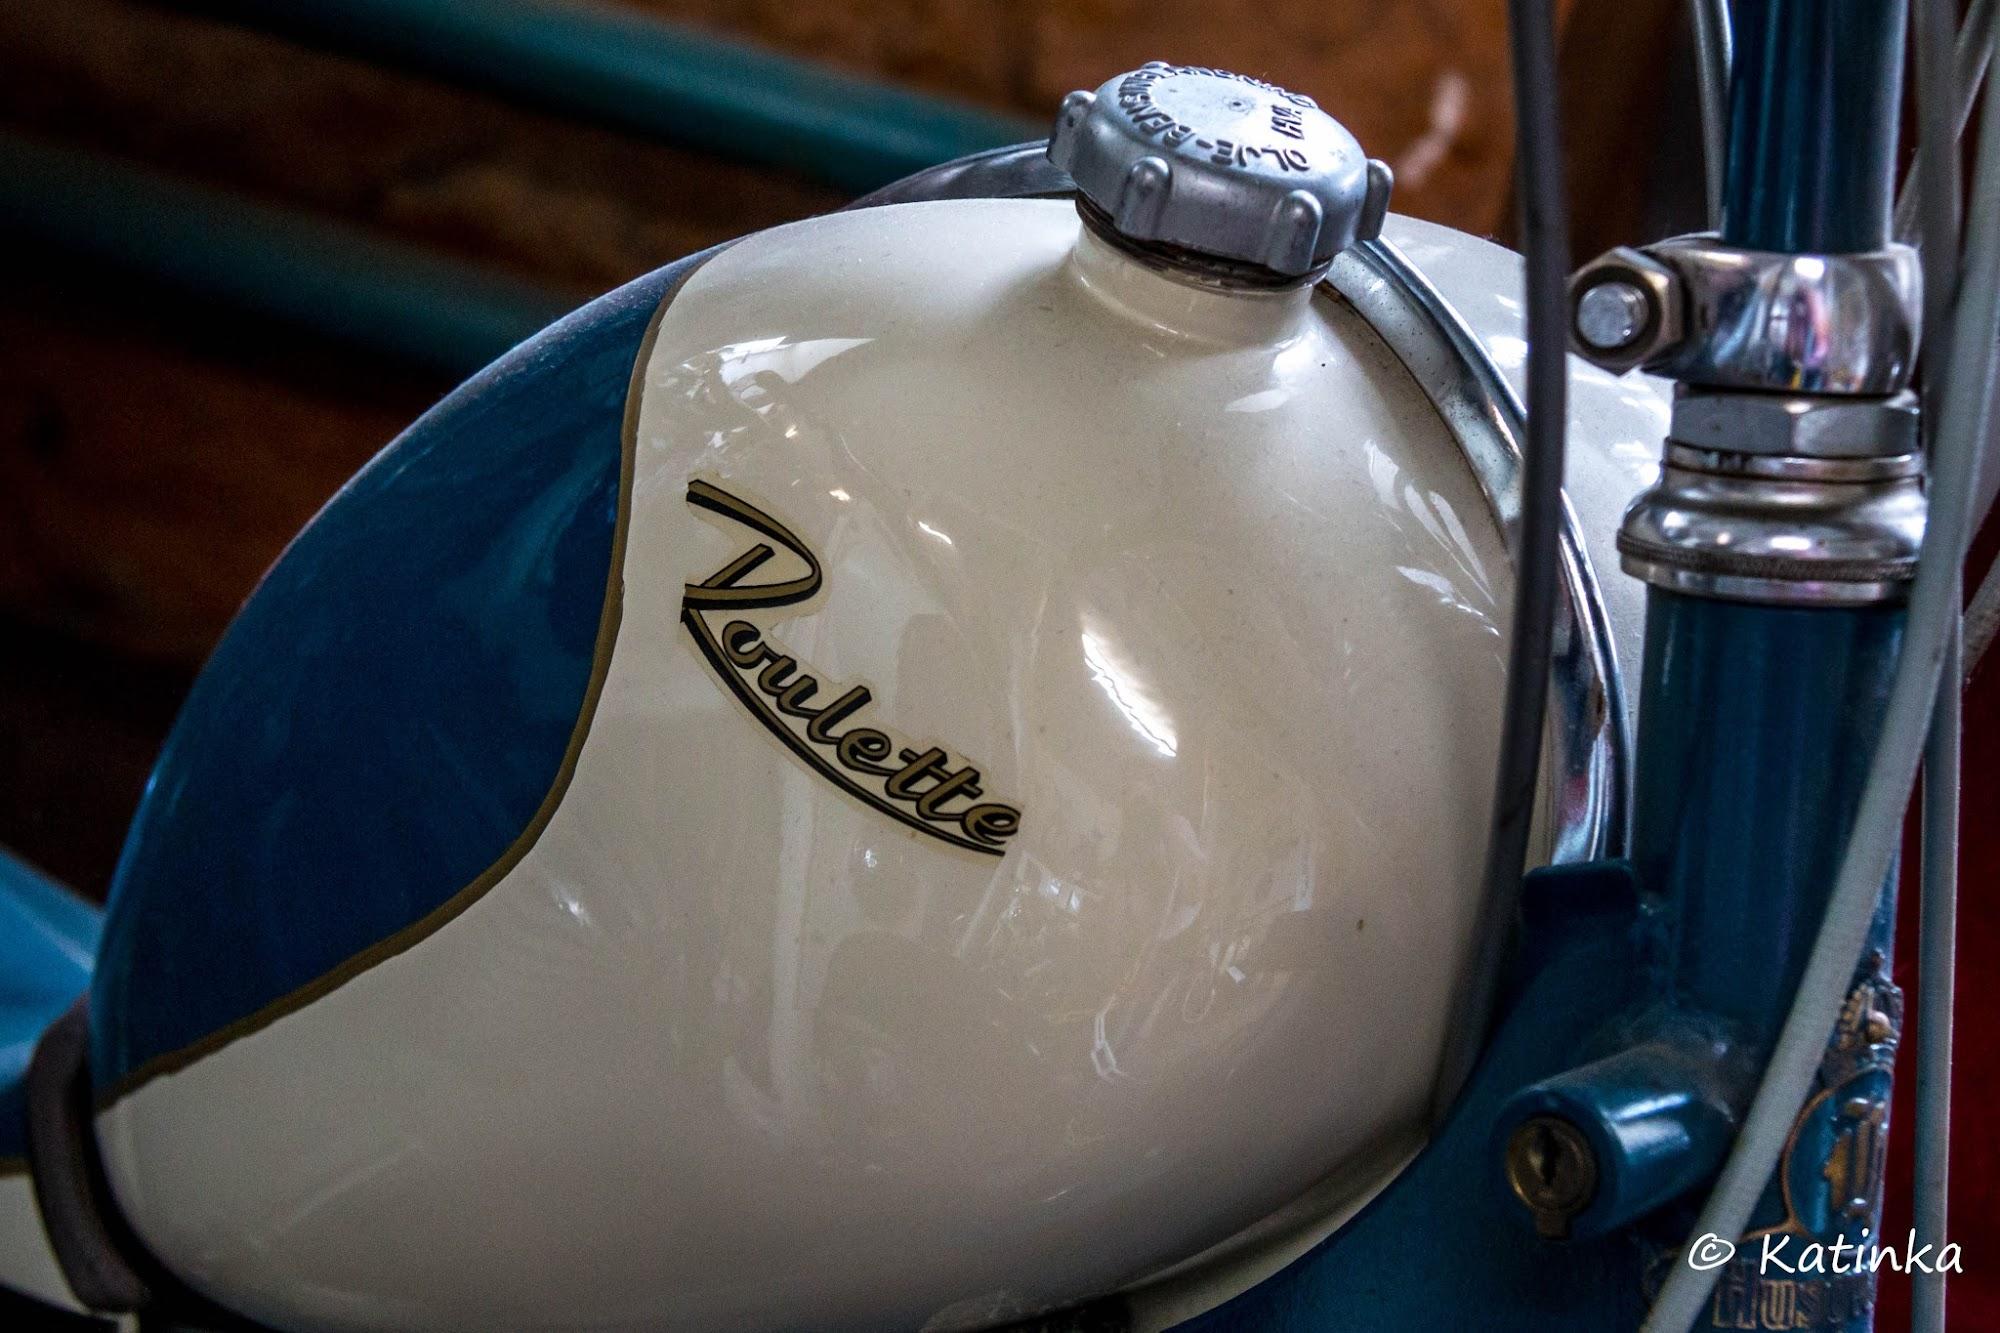 Sana mopo on lyhenne sanasta moottoripolkupyörä. Mopedit ovat saaneet  alkunsa apumoottoreilla varustetuista polkupyöristä ea2e306127